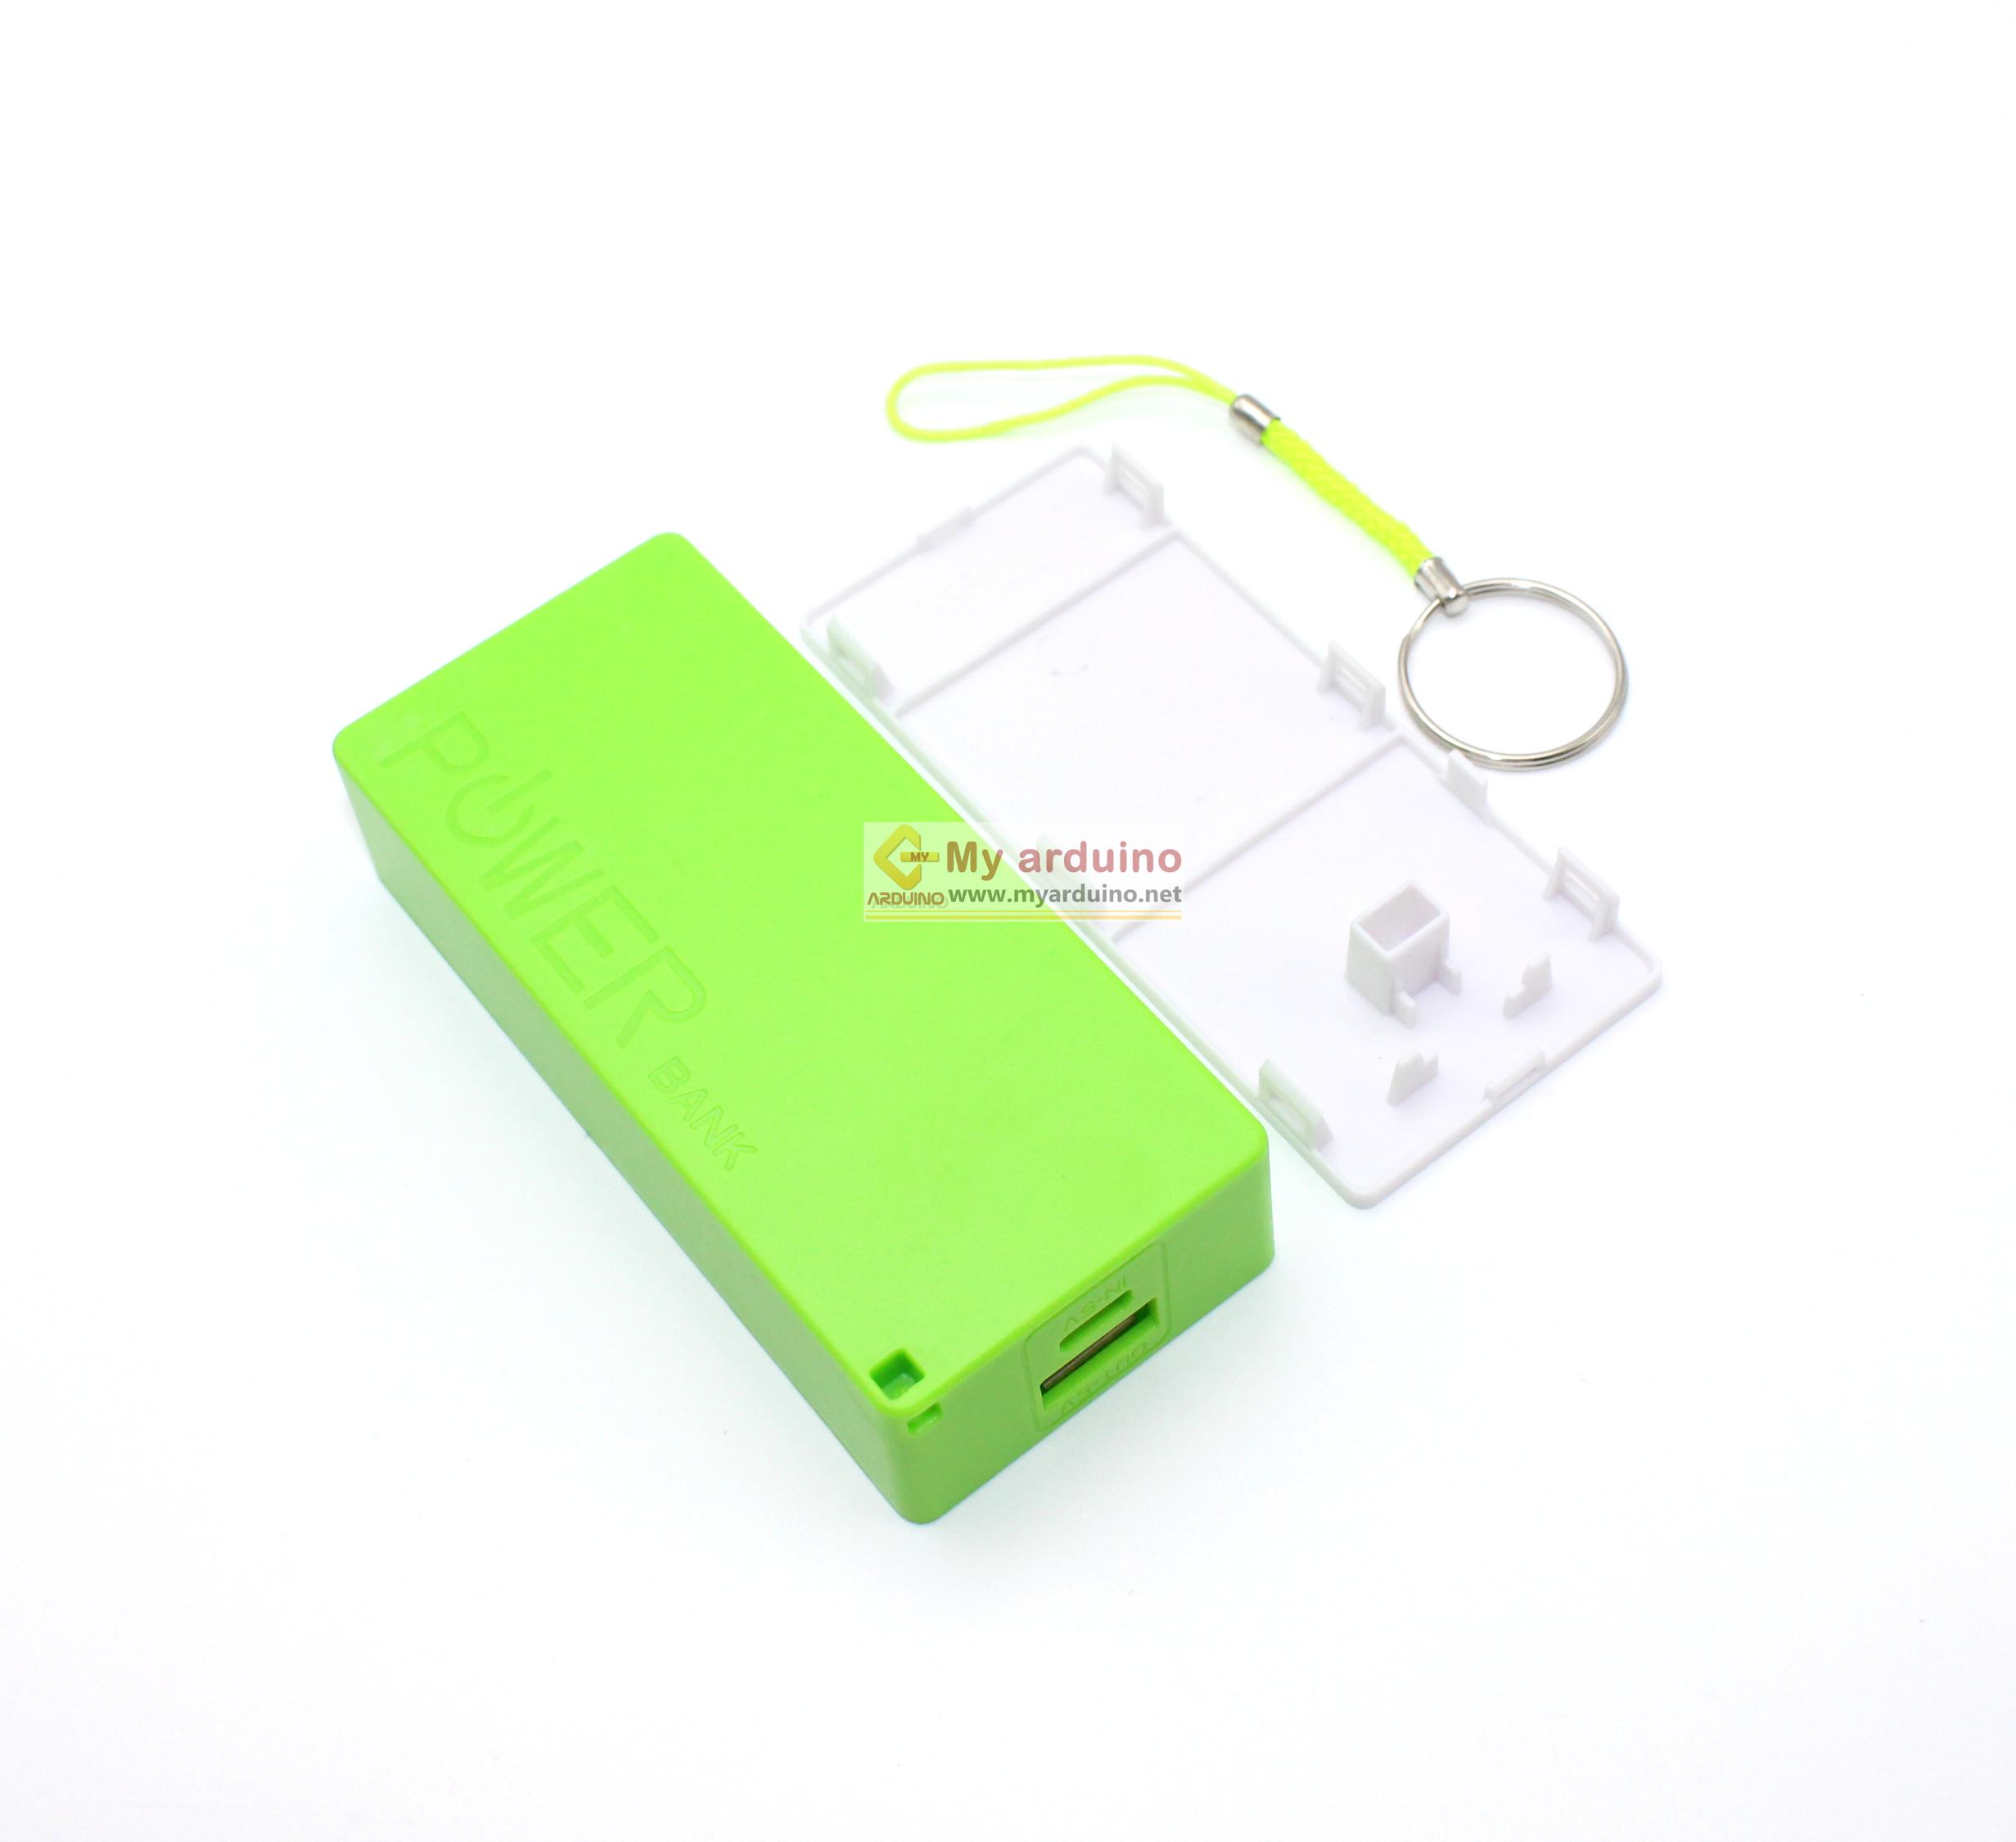 Power Bank แหล่งจ่ายไฟสำหรับ Arduino ESp8266 ชาร์จไฟผ่าน USB ถ่าน 18650 2 ก้อน สีเขียว